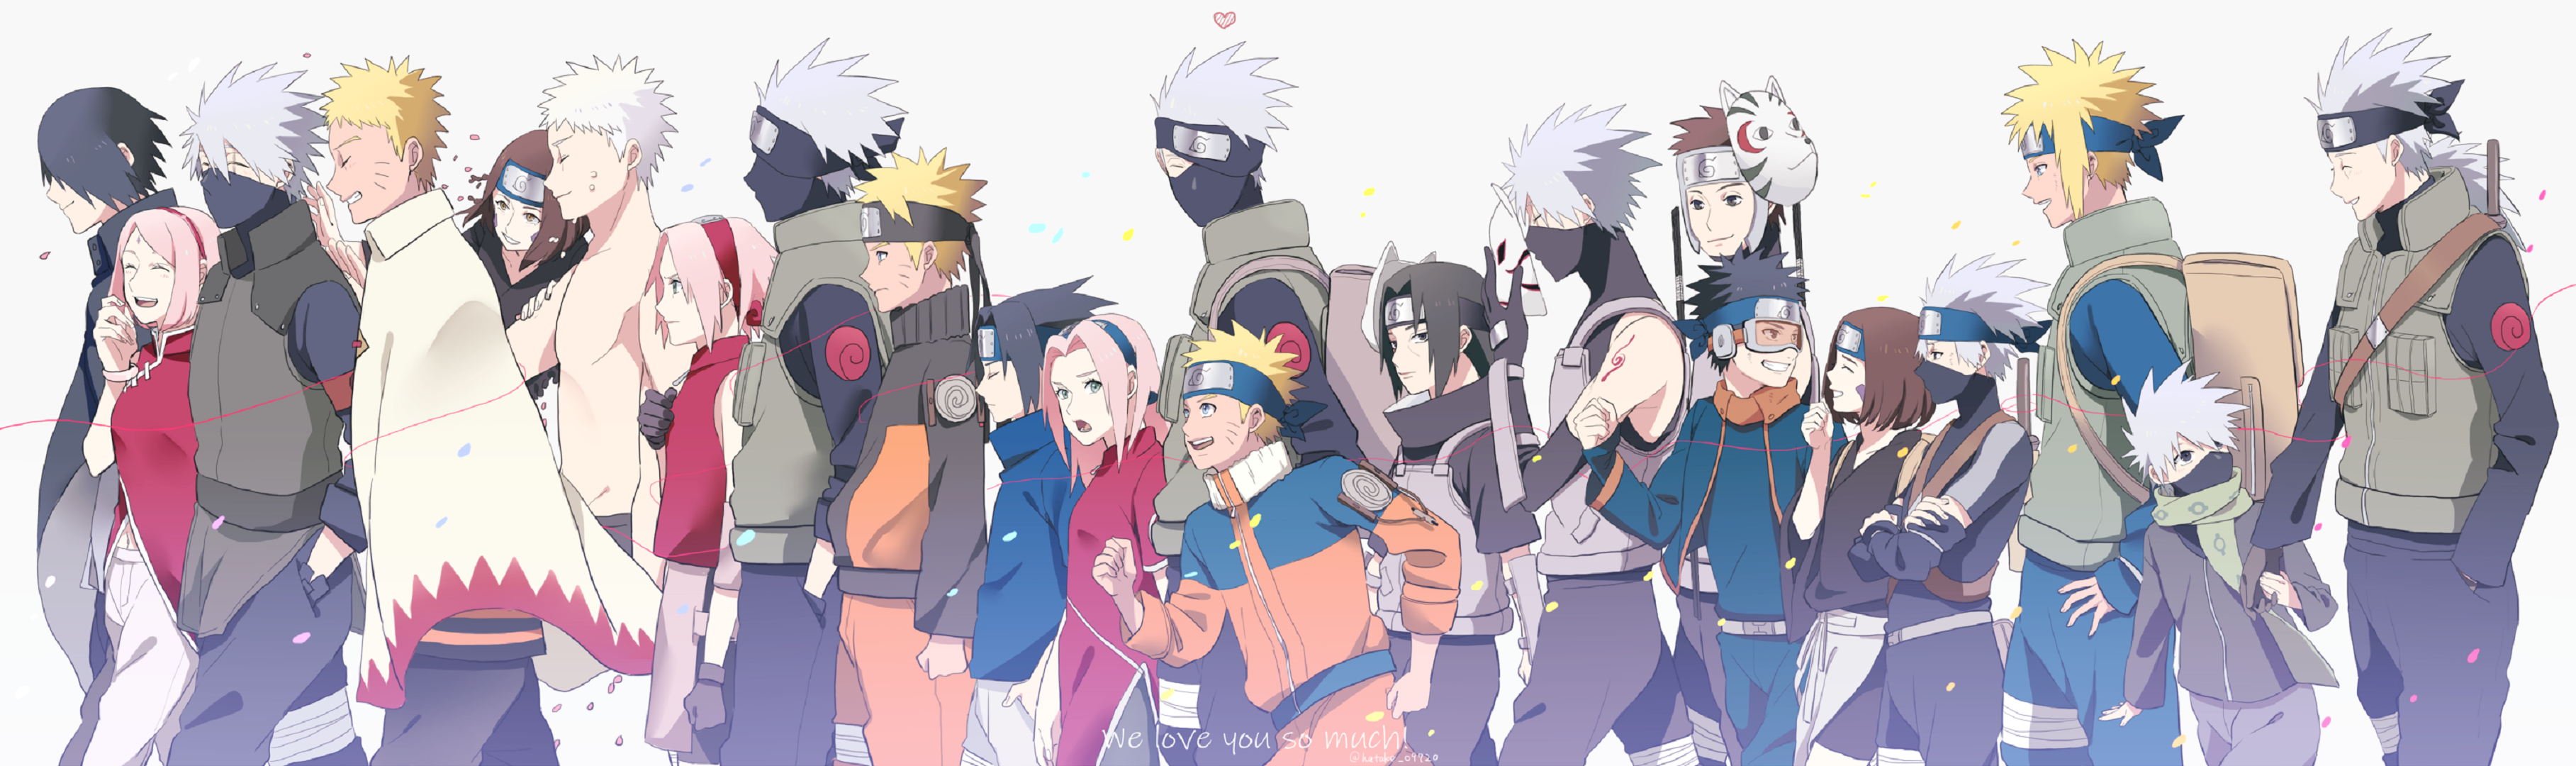 Naruto Uzumaki Sakura Haruno Sasuke Uchiha Kakashi Hatake Obito Uchiha Itachi Uchiha Minato Namikaze 3634x1080